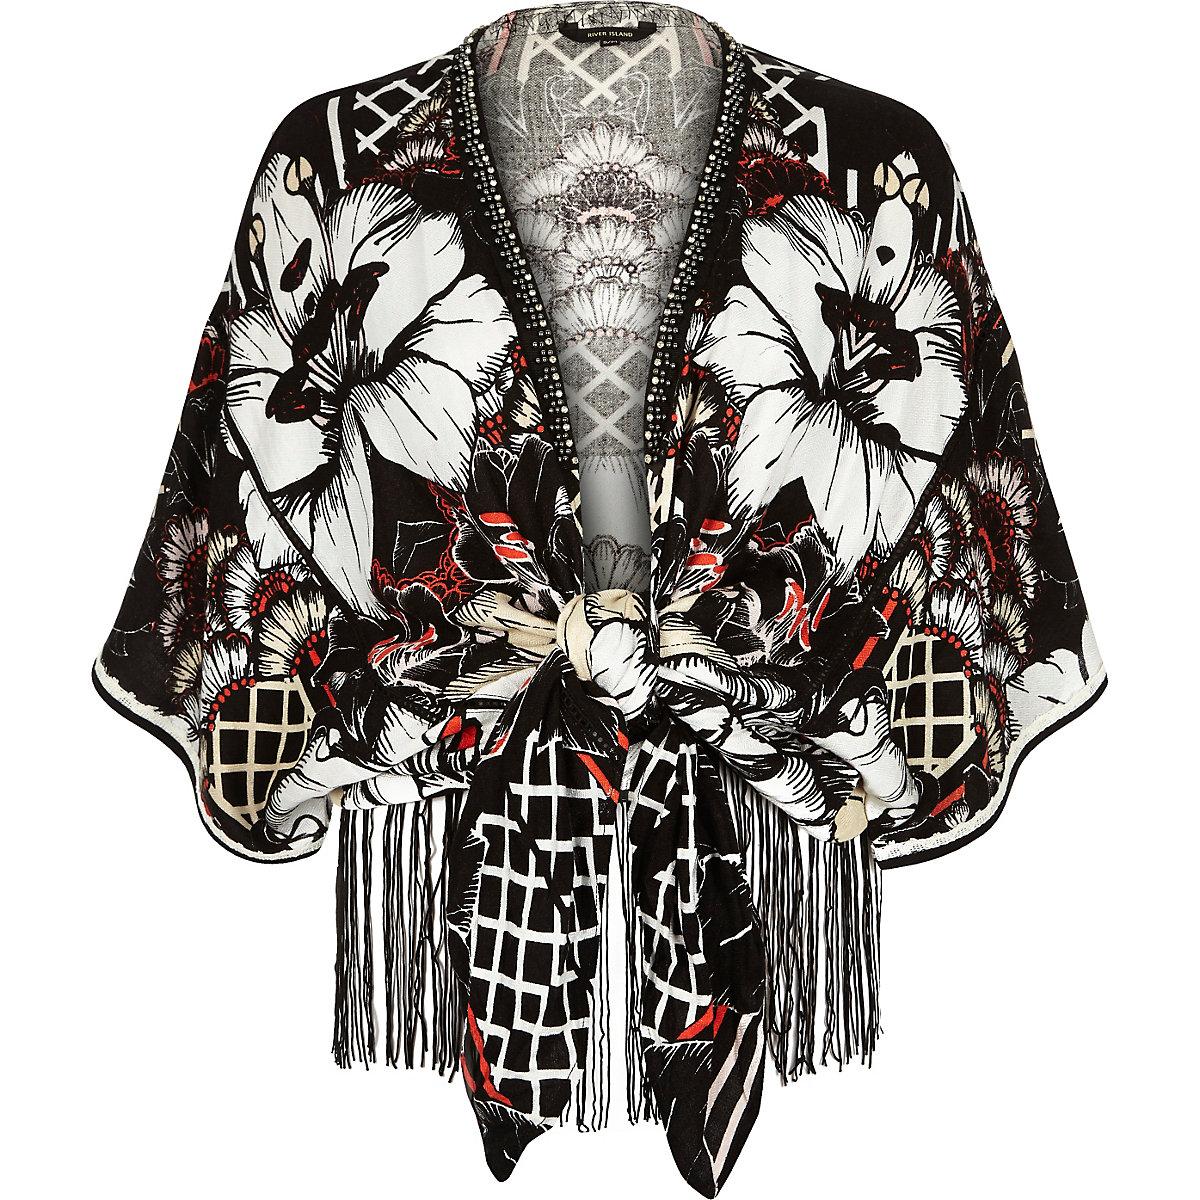 44fb46a10 Black floral print tie front kimono jacket - Kimonos - Tops - women